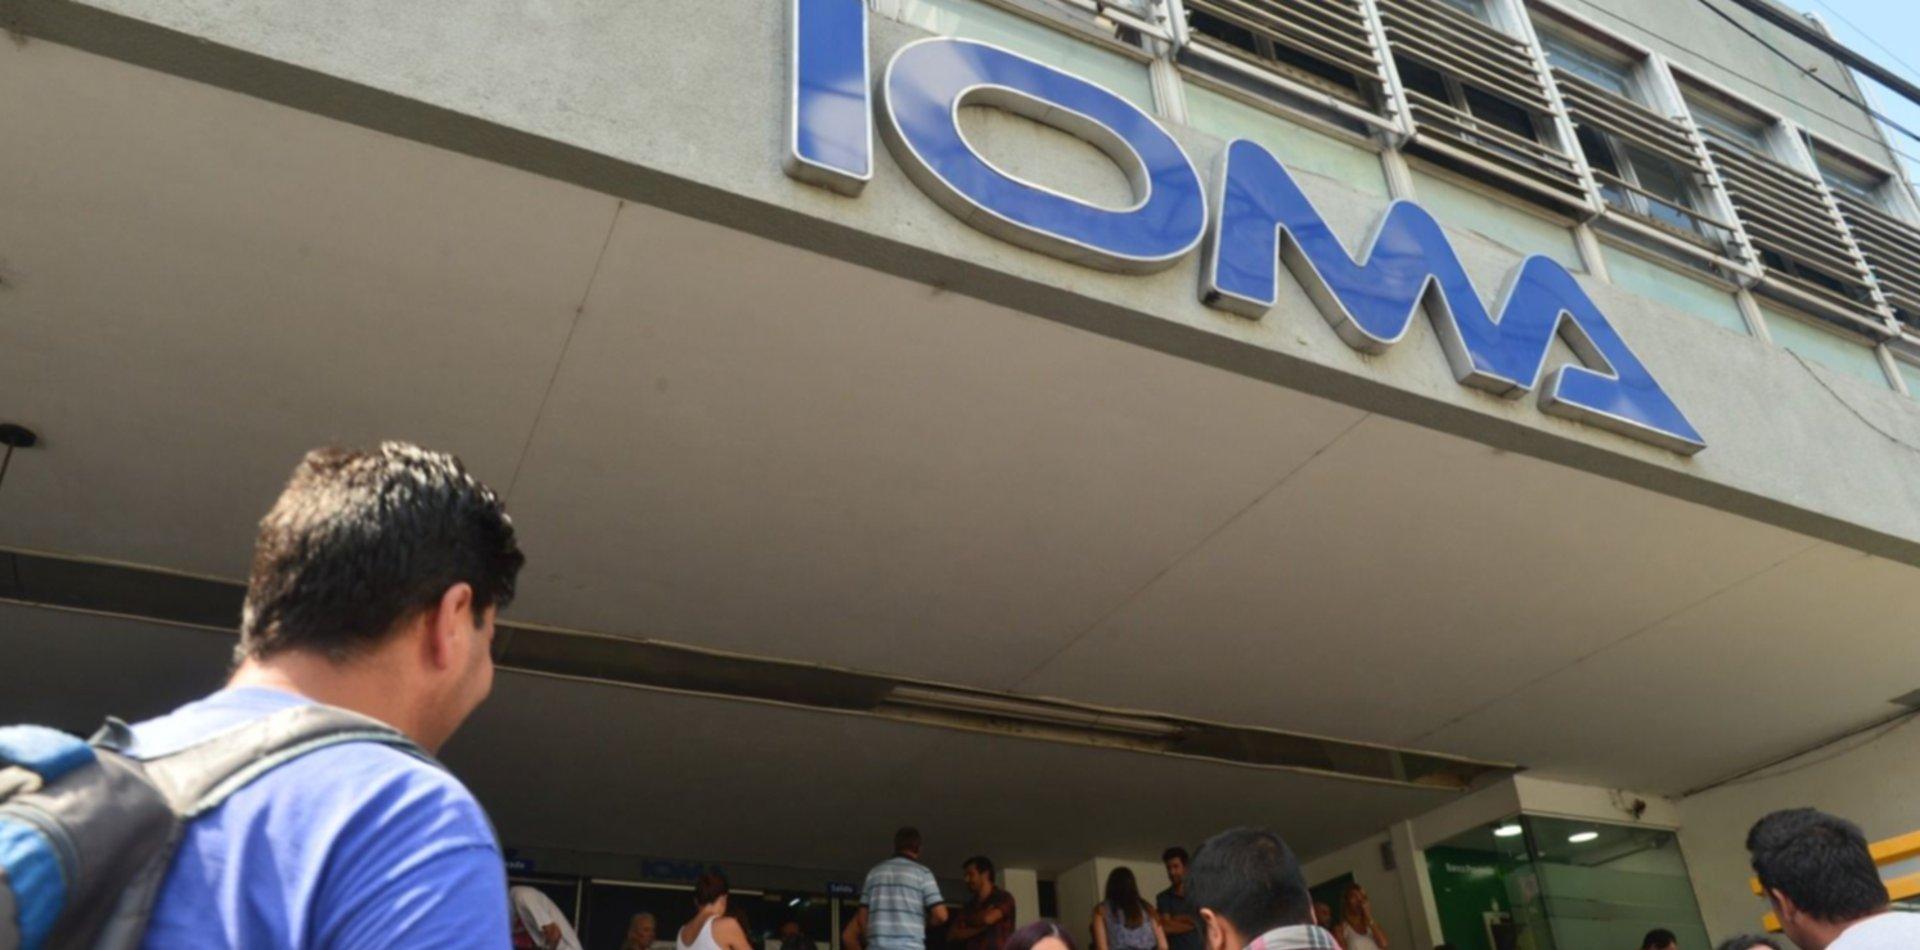 Los médicos decidieron cortar el servicio de los afiliados de IOMA